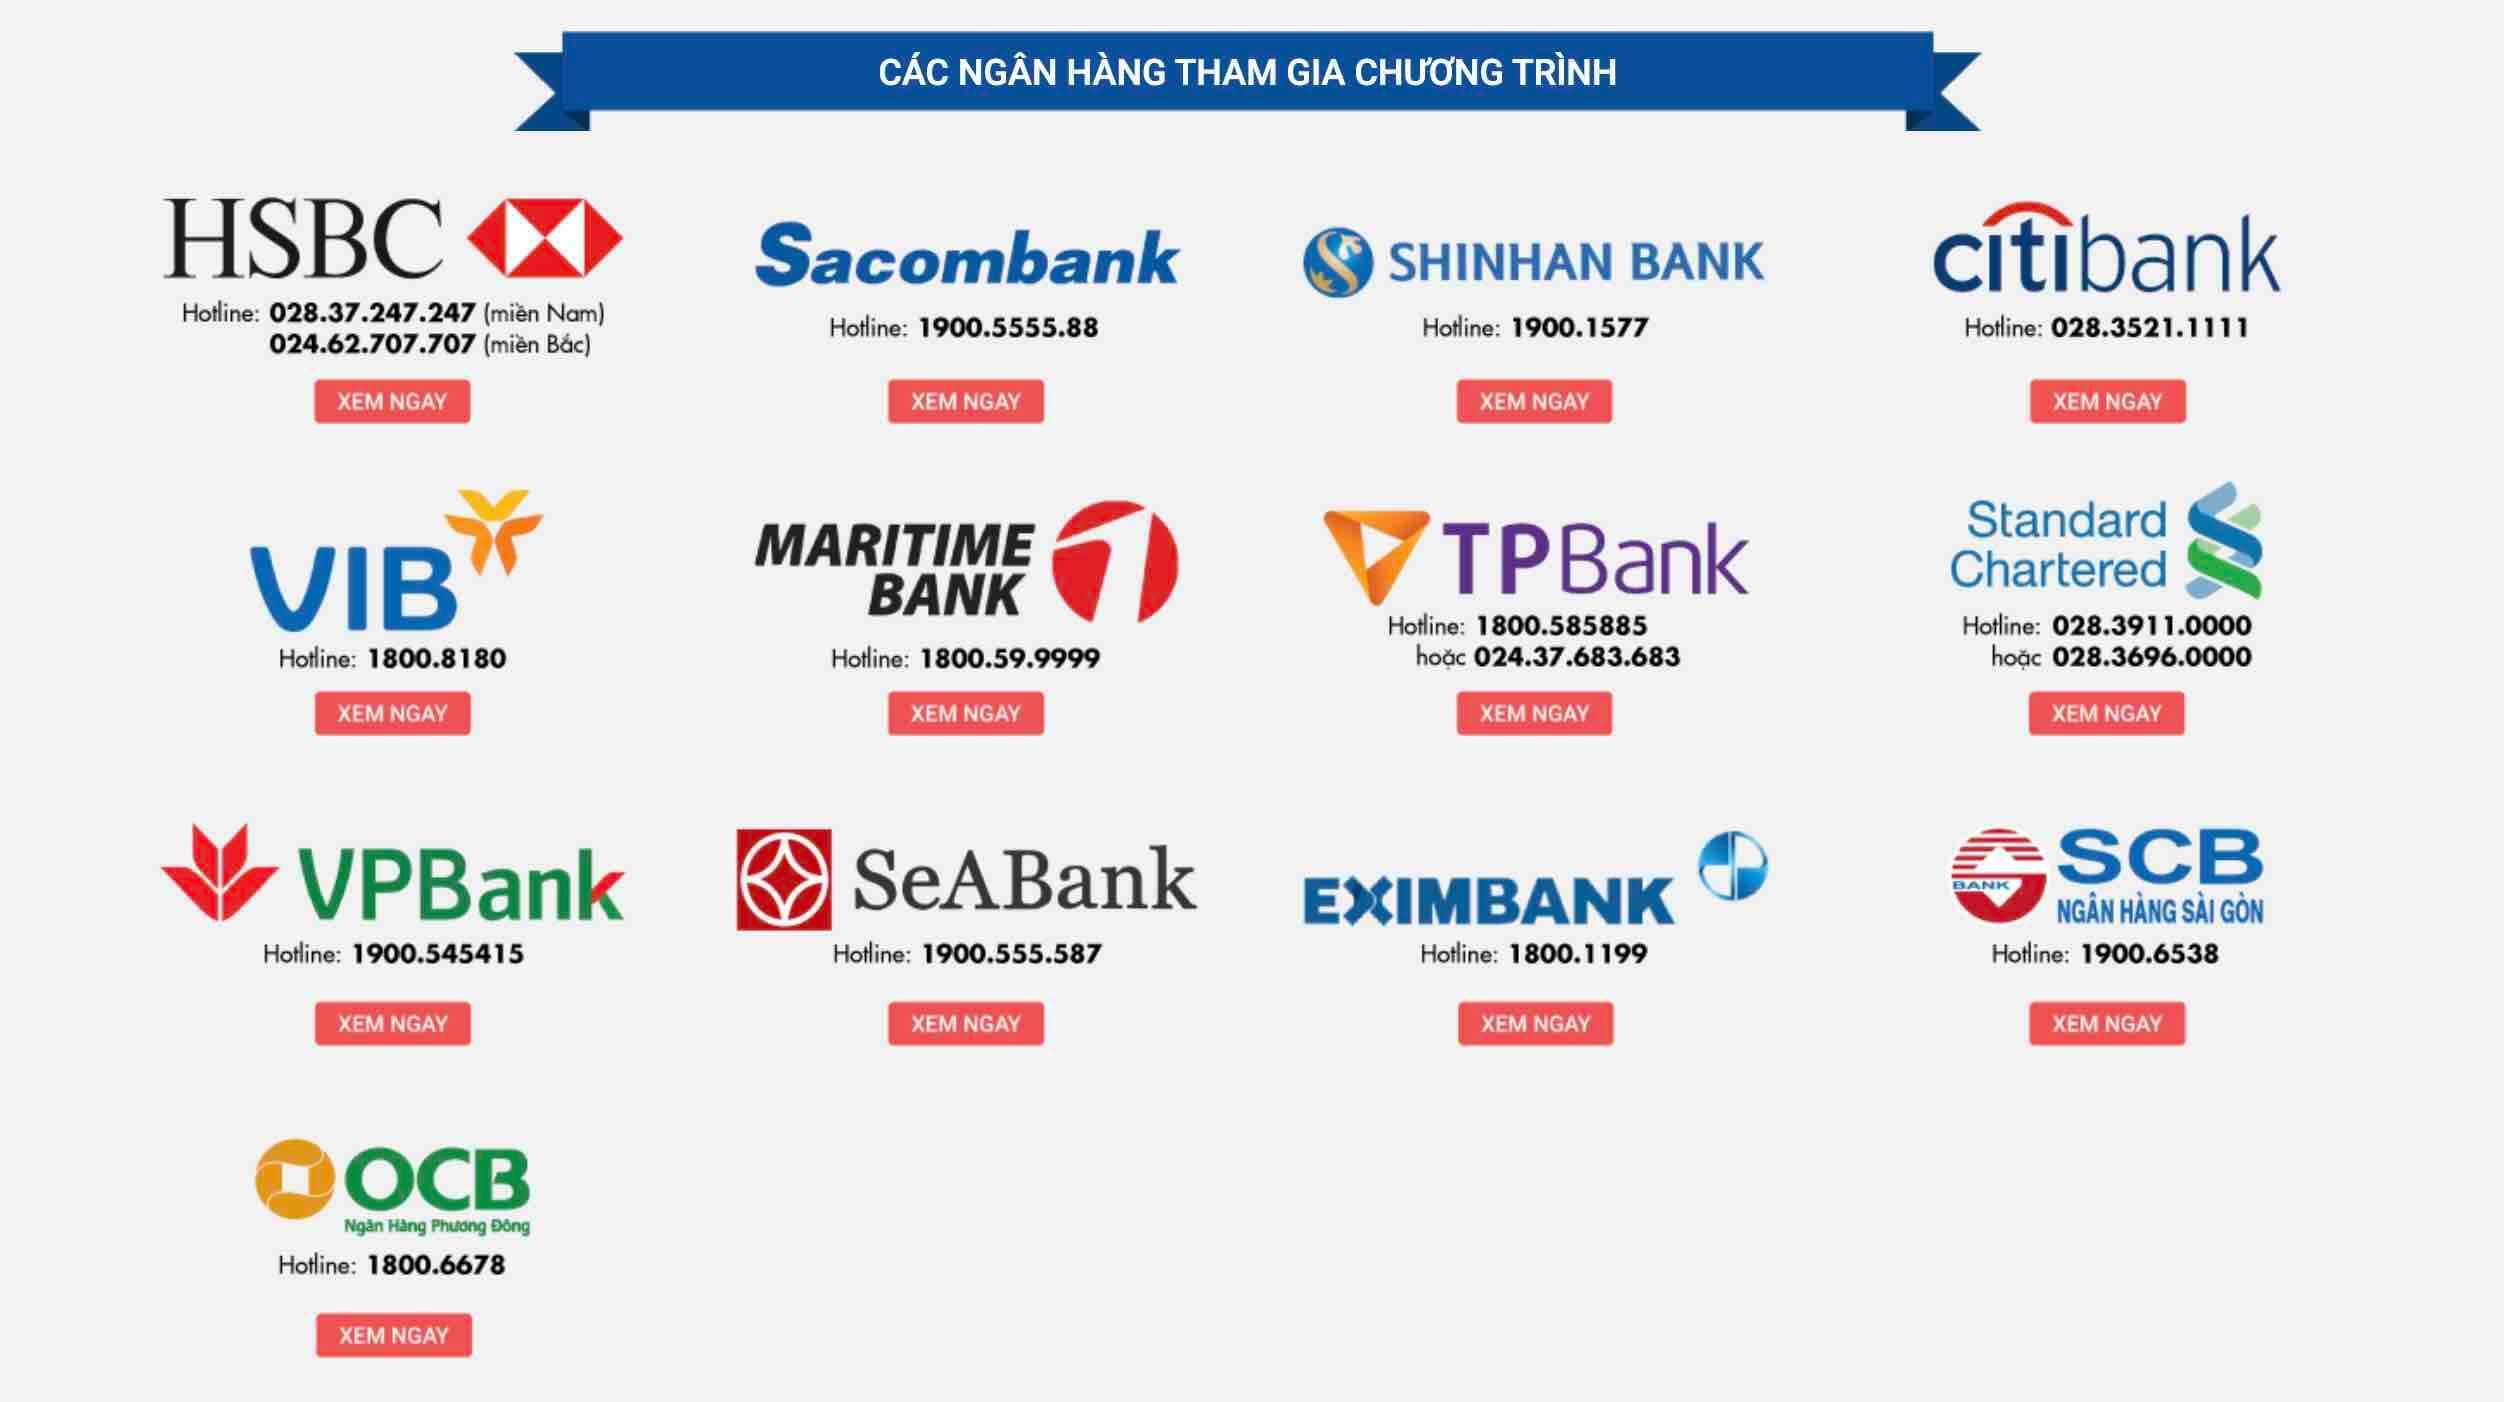 Các ngân hàng liên kết thẻ tín dụng với Tiki để thực hiện dịch vụ trả góp khi mua hàng